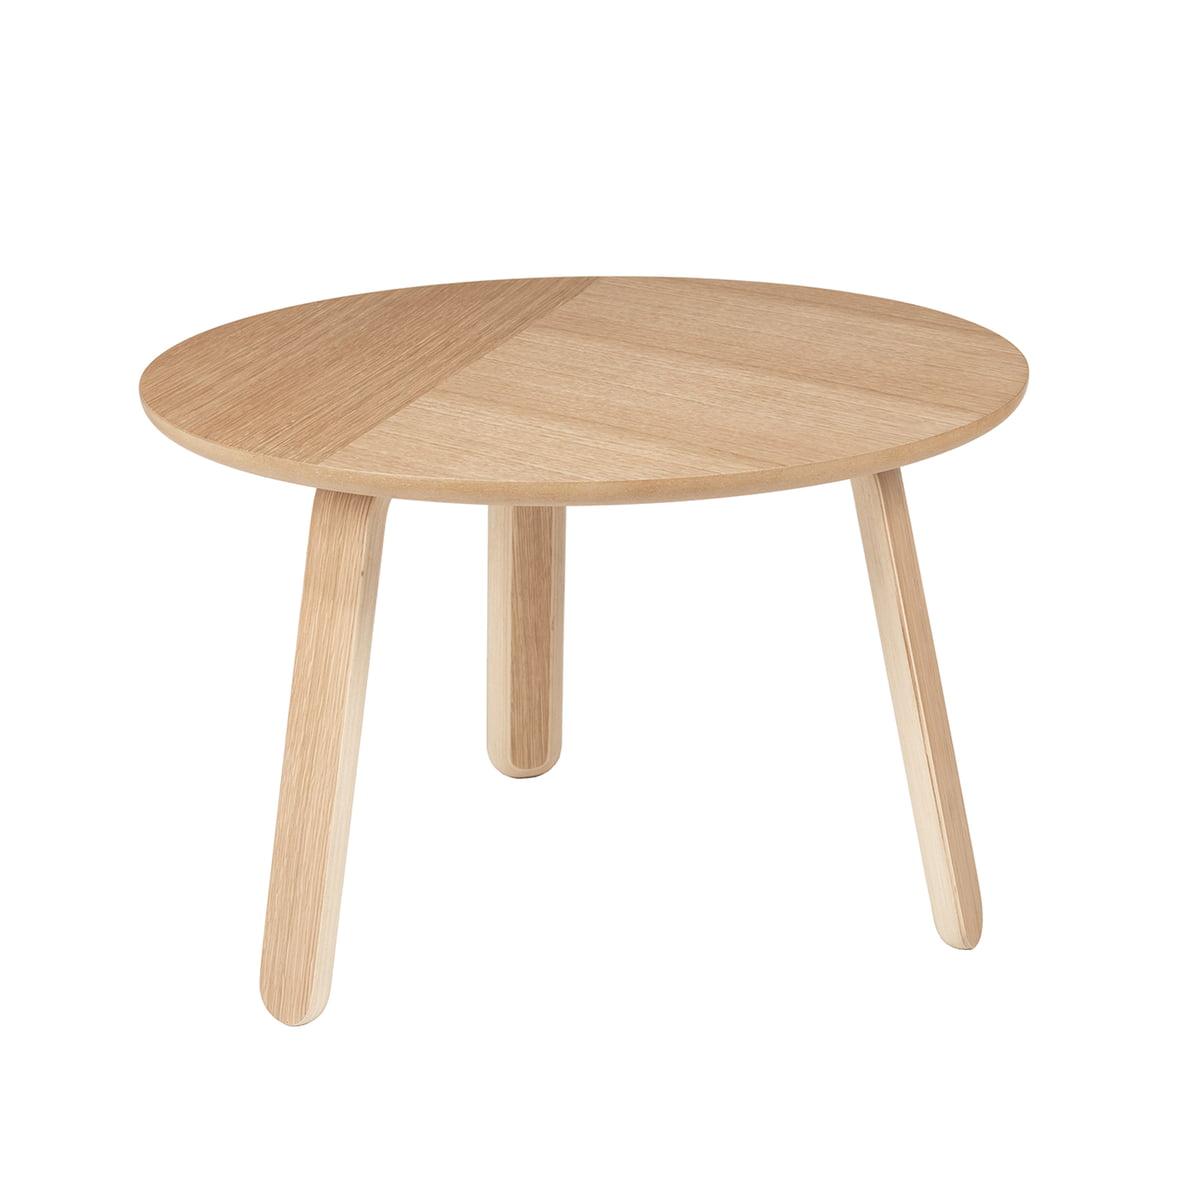 Gubi - Paper Couchtisch Ø 60 cm, Eiche | Wohnzimmer > Tische > Couchtische | Eiche natur | Gubi